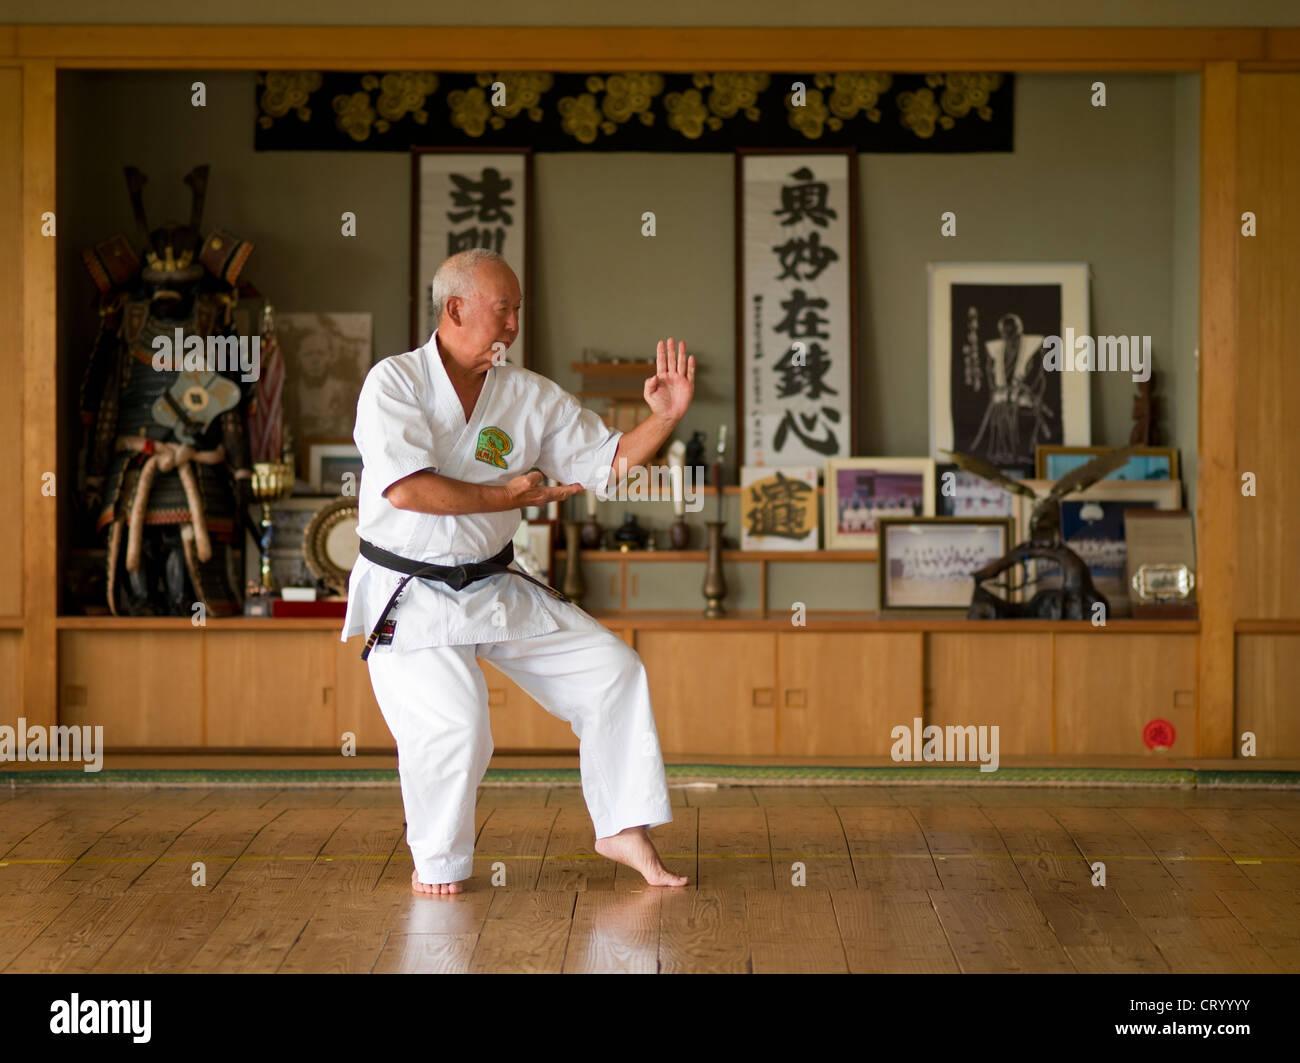 9th dan Gojuryu Karate Master Shigetoshi Senaha at his dojo in Tomigusku City, Okinawa. - Stock Image